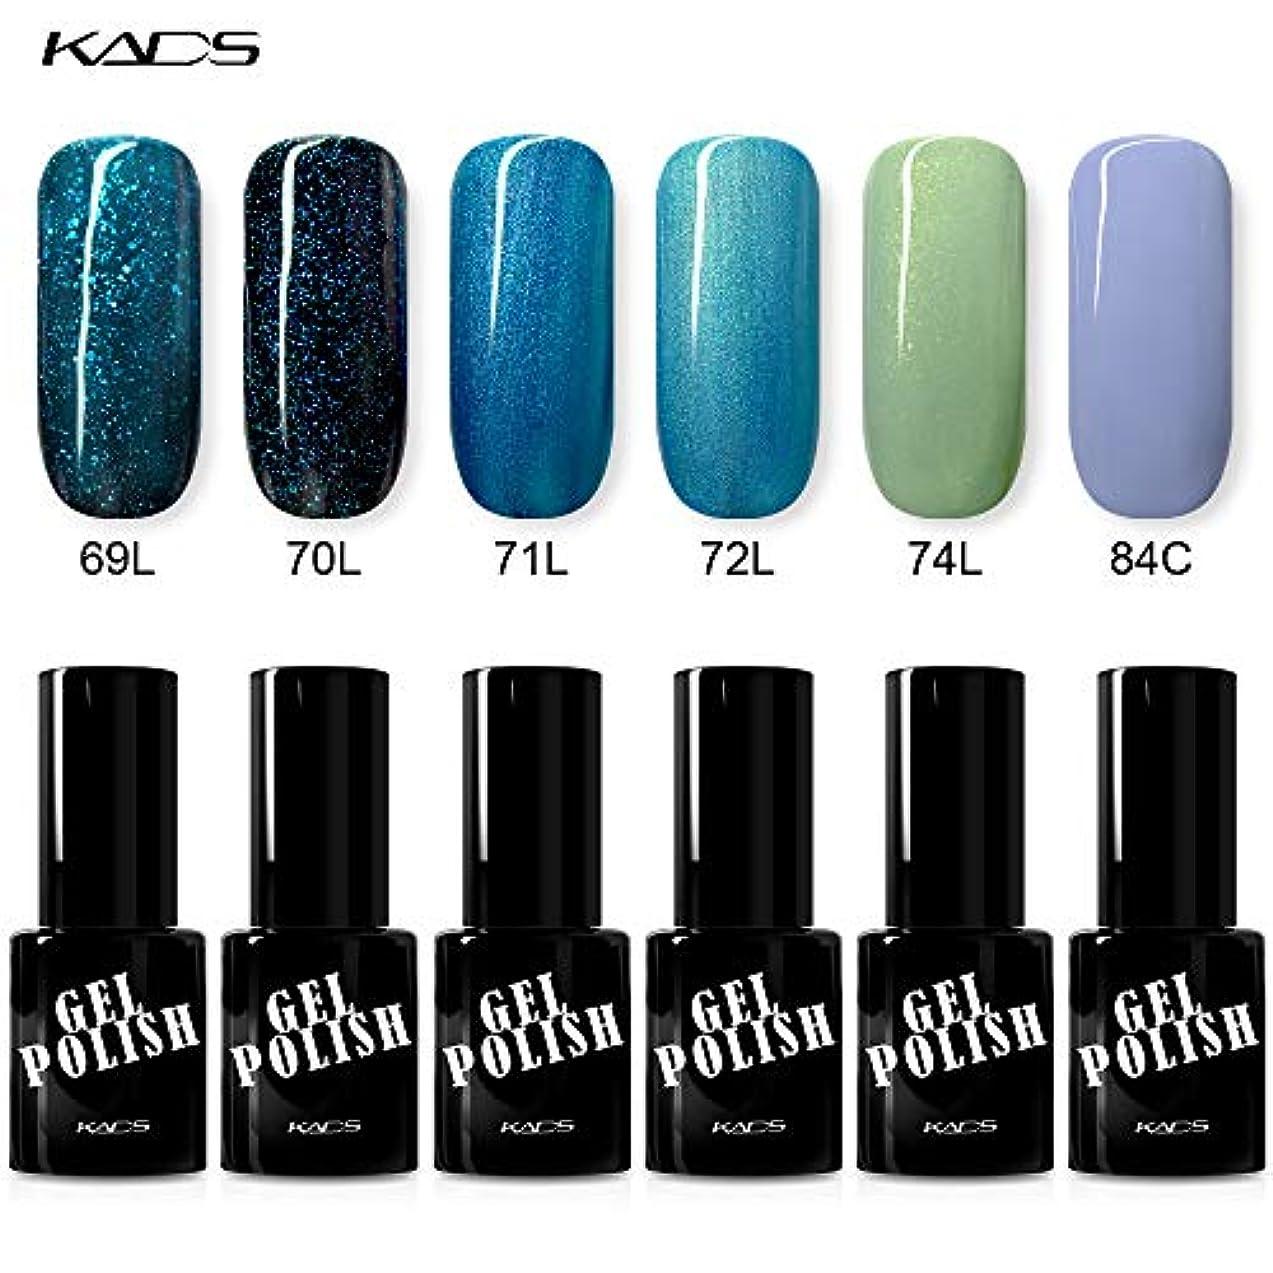 マイク下世界の窓KADS ネイルカラーポリッシュ ラメ入りジェル 6色セット グリーン?ブルー系 キラキラ目 UV?LED対応